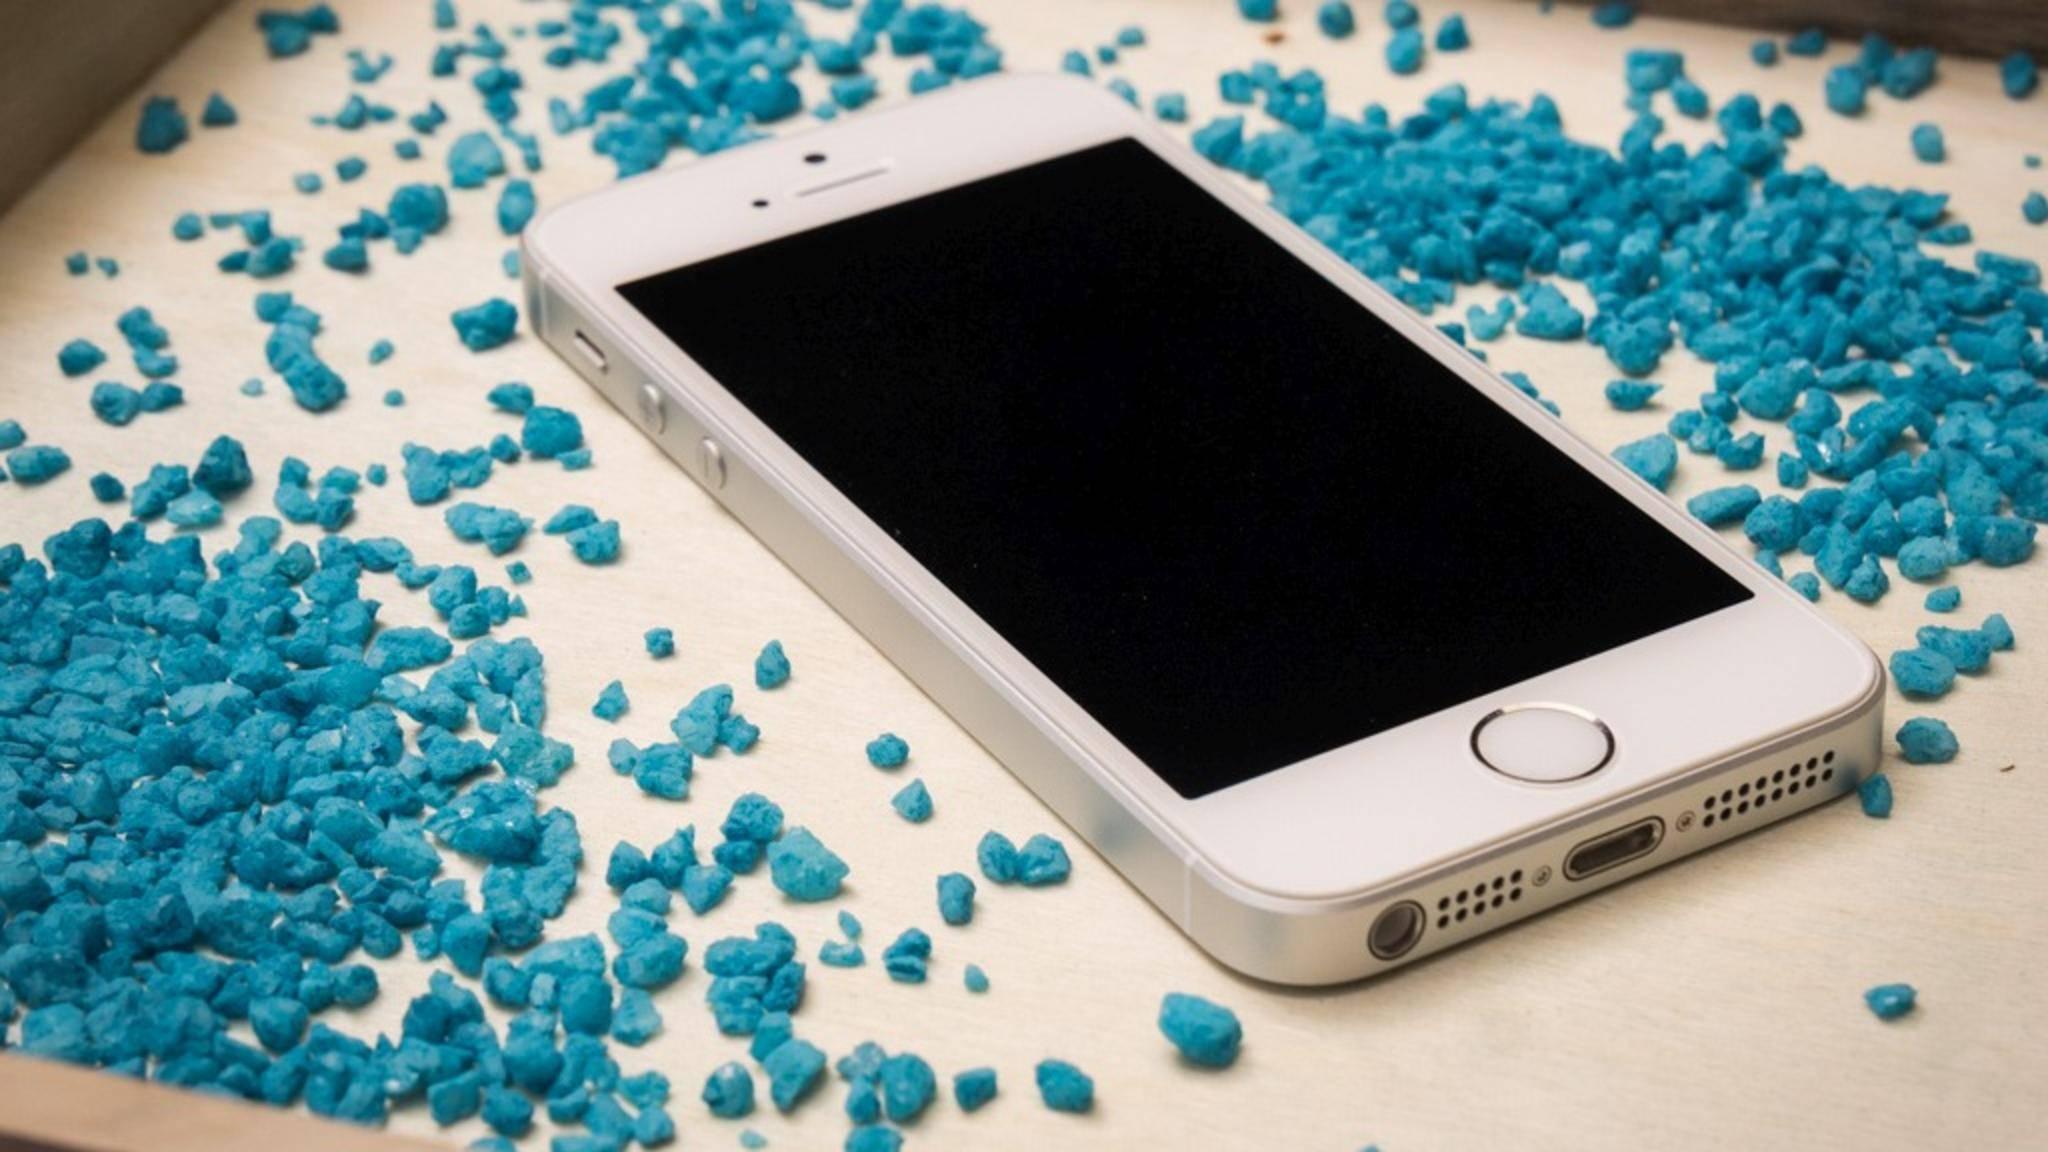 Studie: Apple soll alte iPhones nicht absichtlich langsamer machen